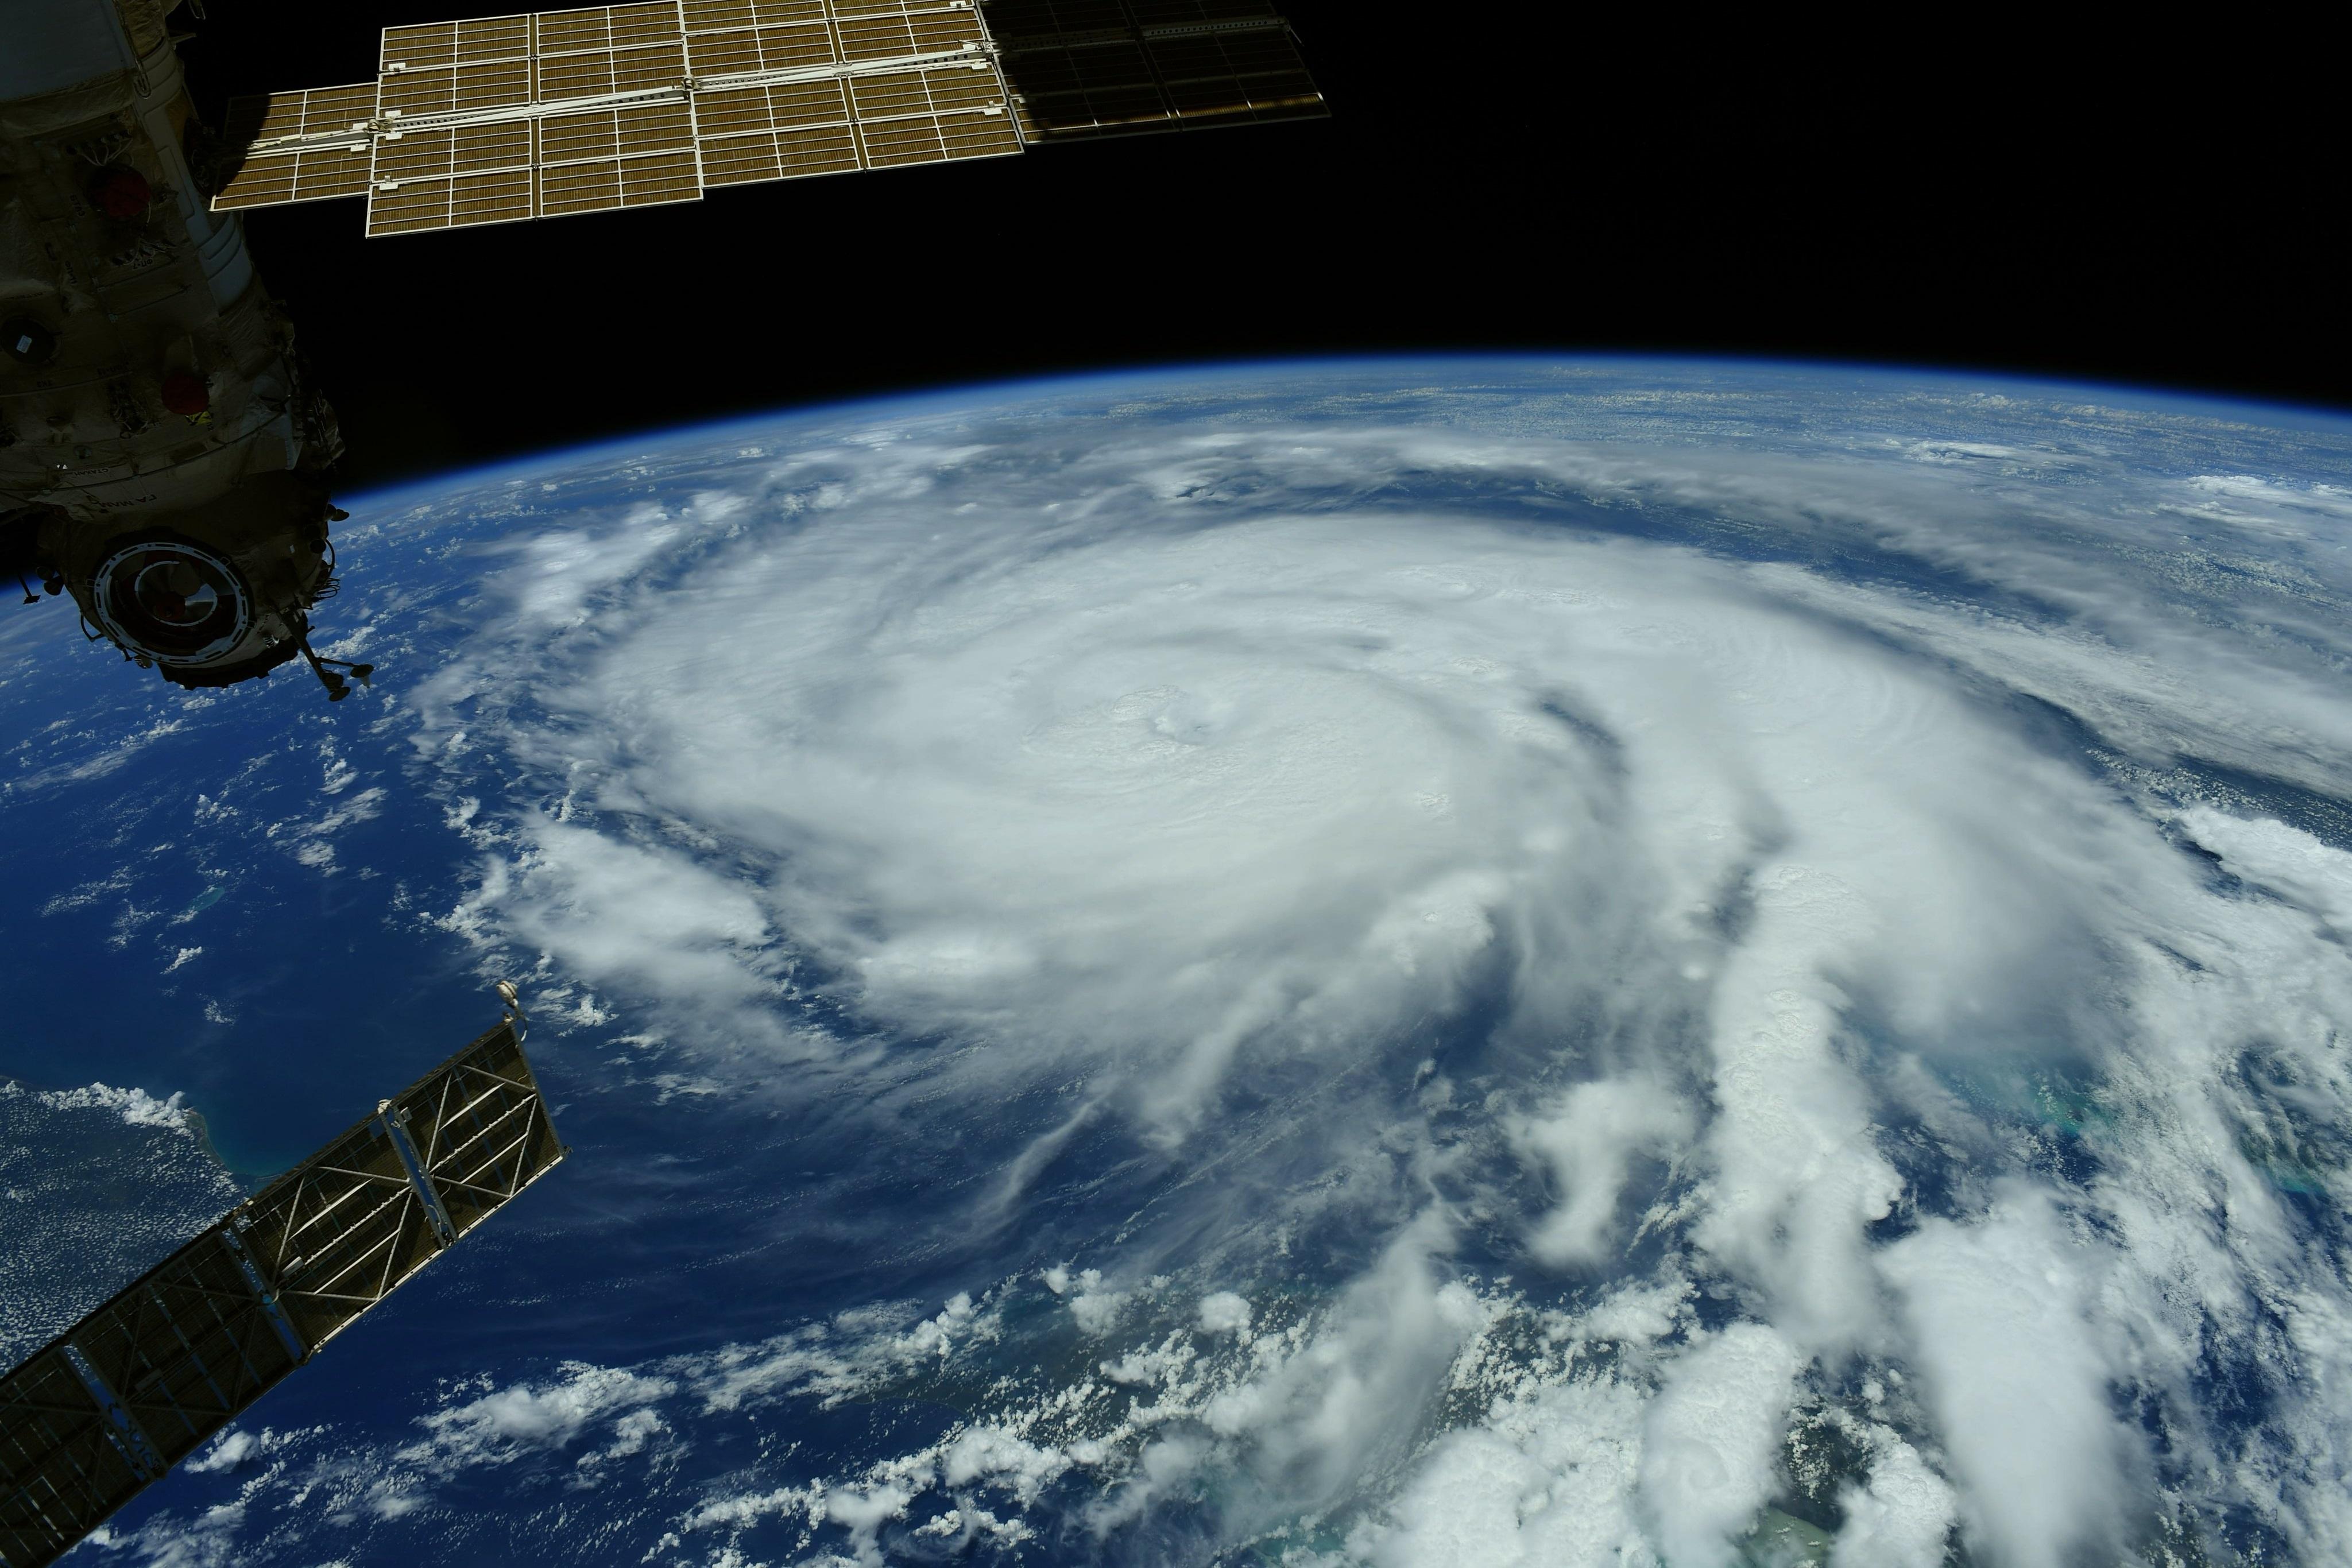 Ураган Ида развернул течение Миссисипи и обесточил Новый Орлеан – фото стихии из космоса